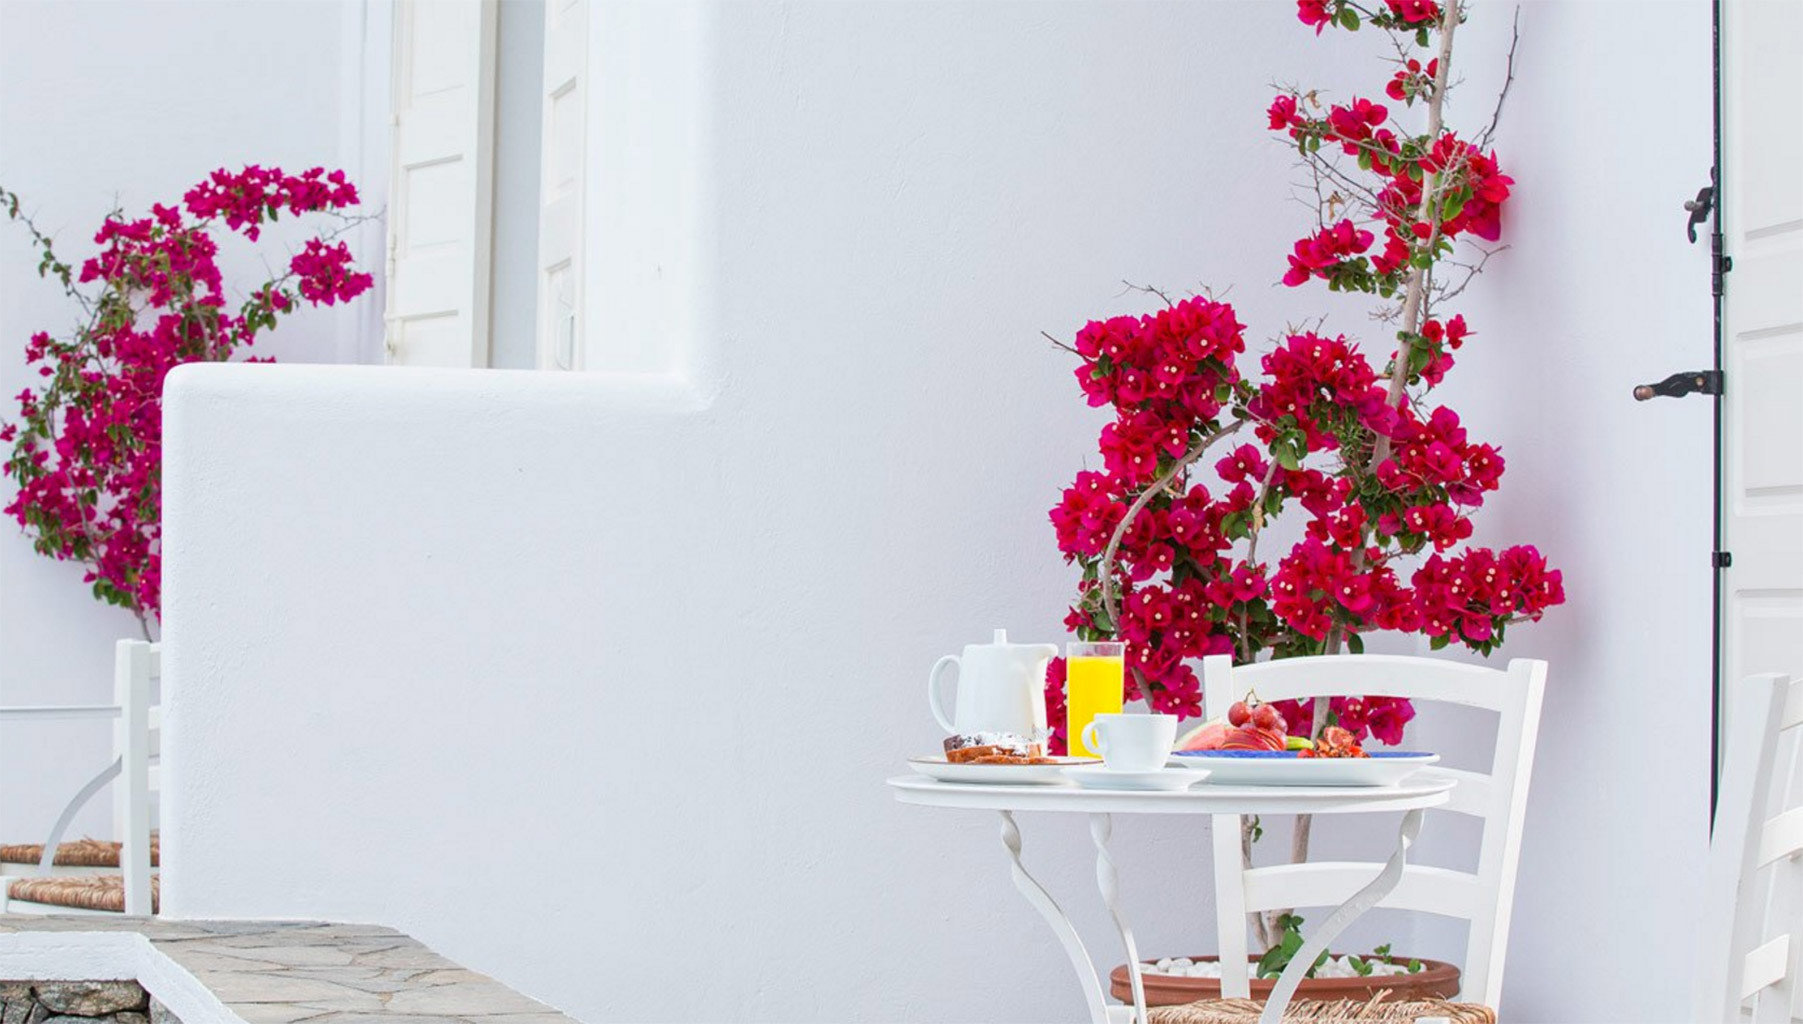 white pink red flower arranging flower floristry plant spring art floral design centrepiece